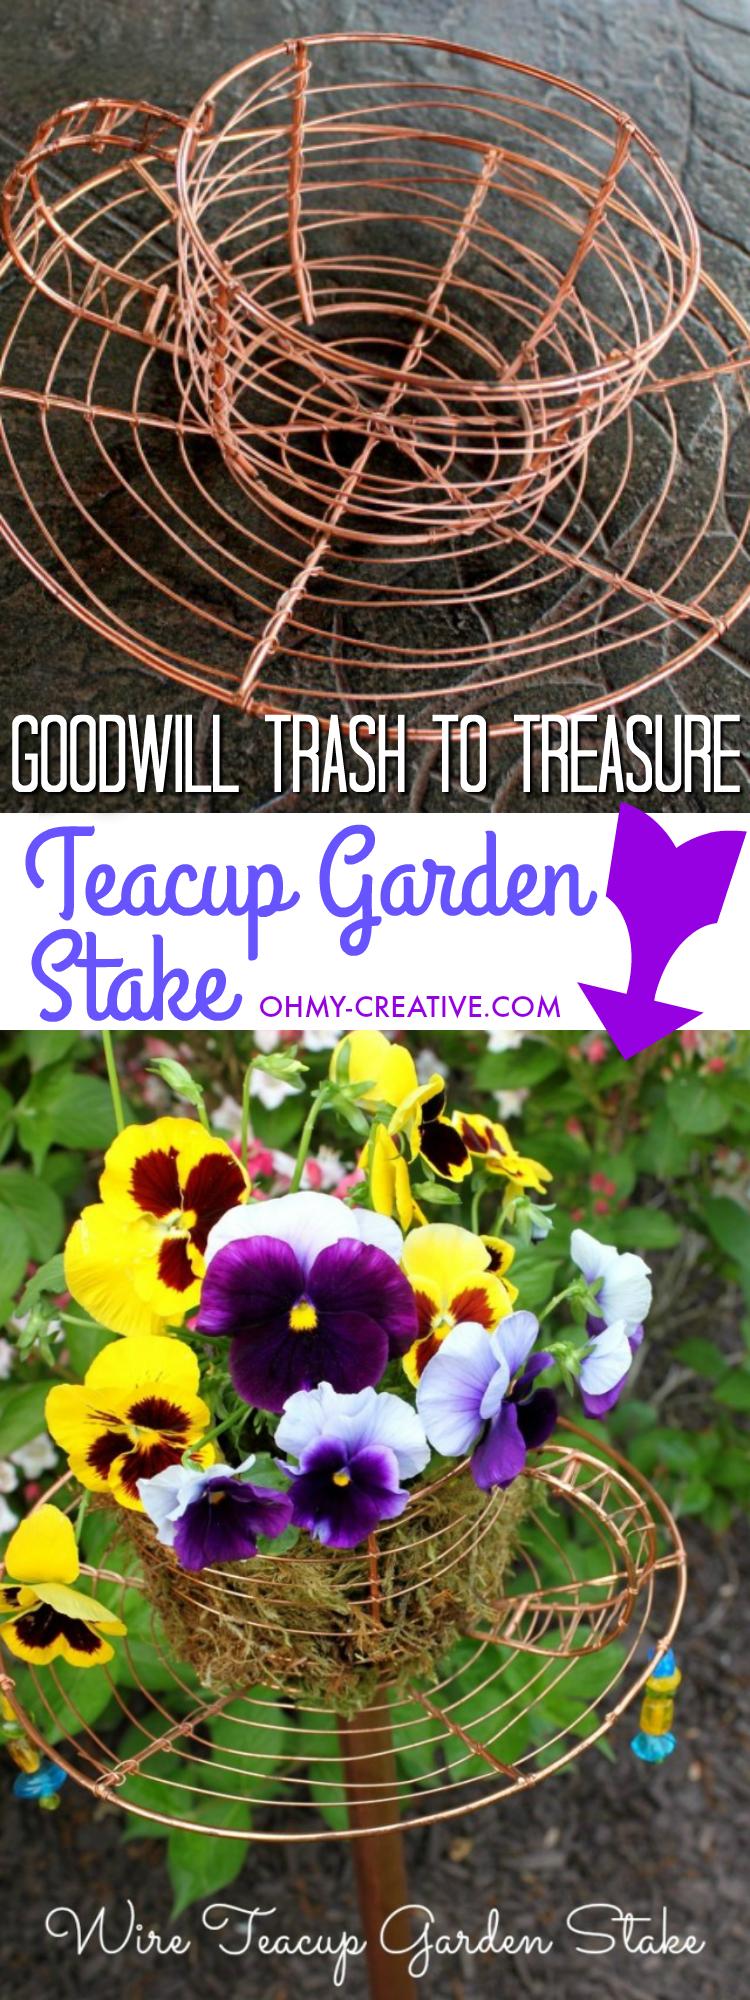 diy garden decor - teacup garden stake - oh my creative